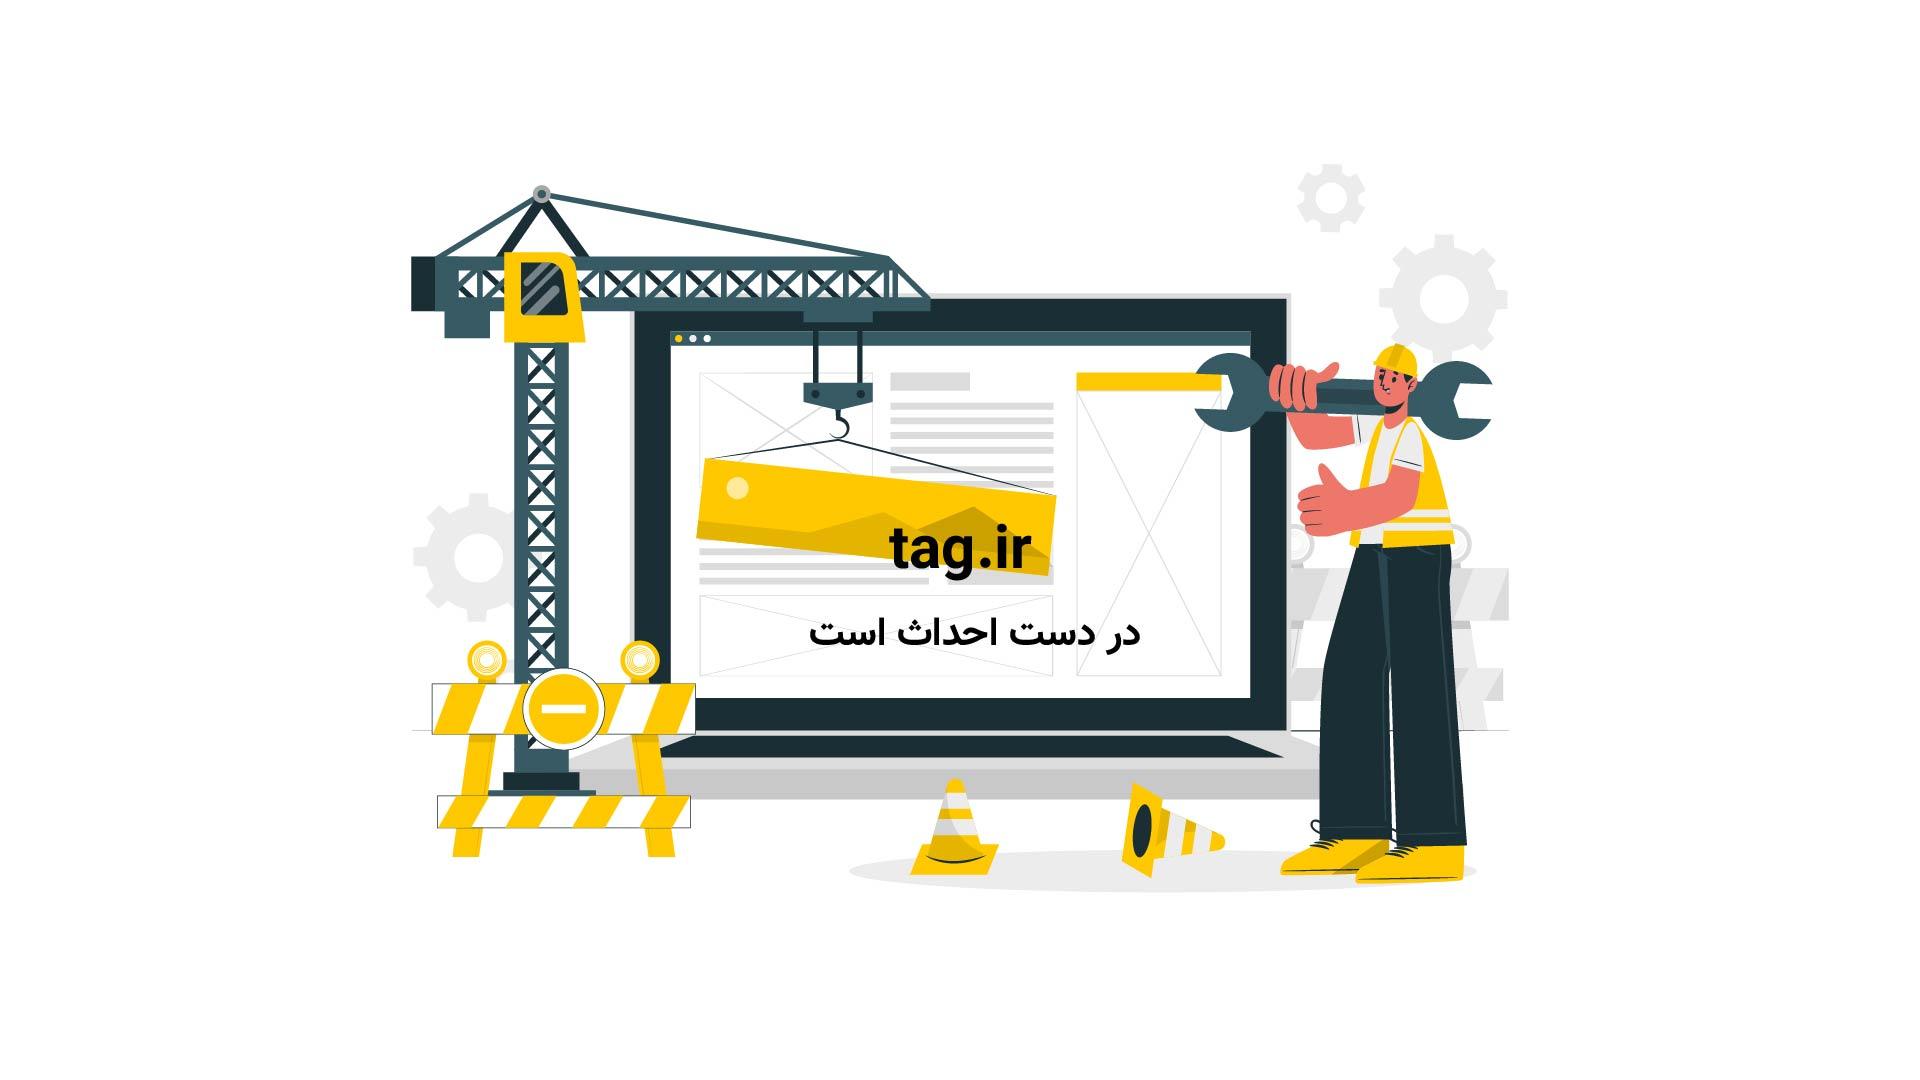 بطری پلاستیکی | تگ